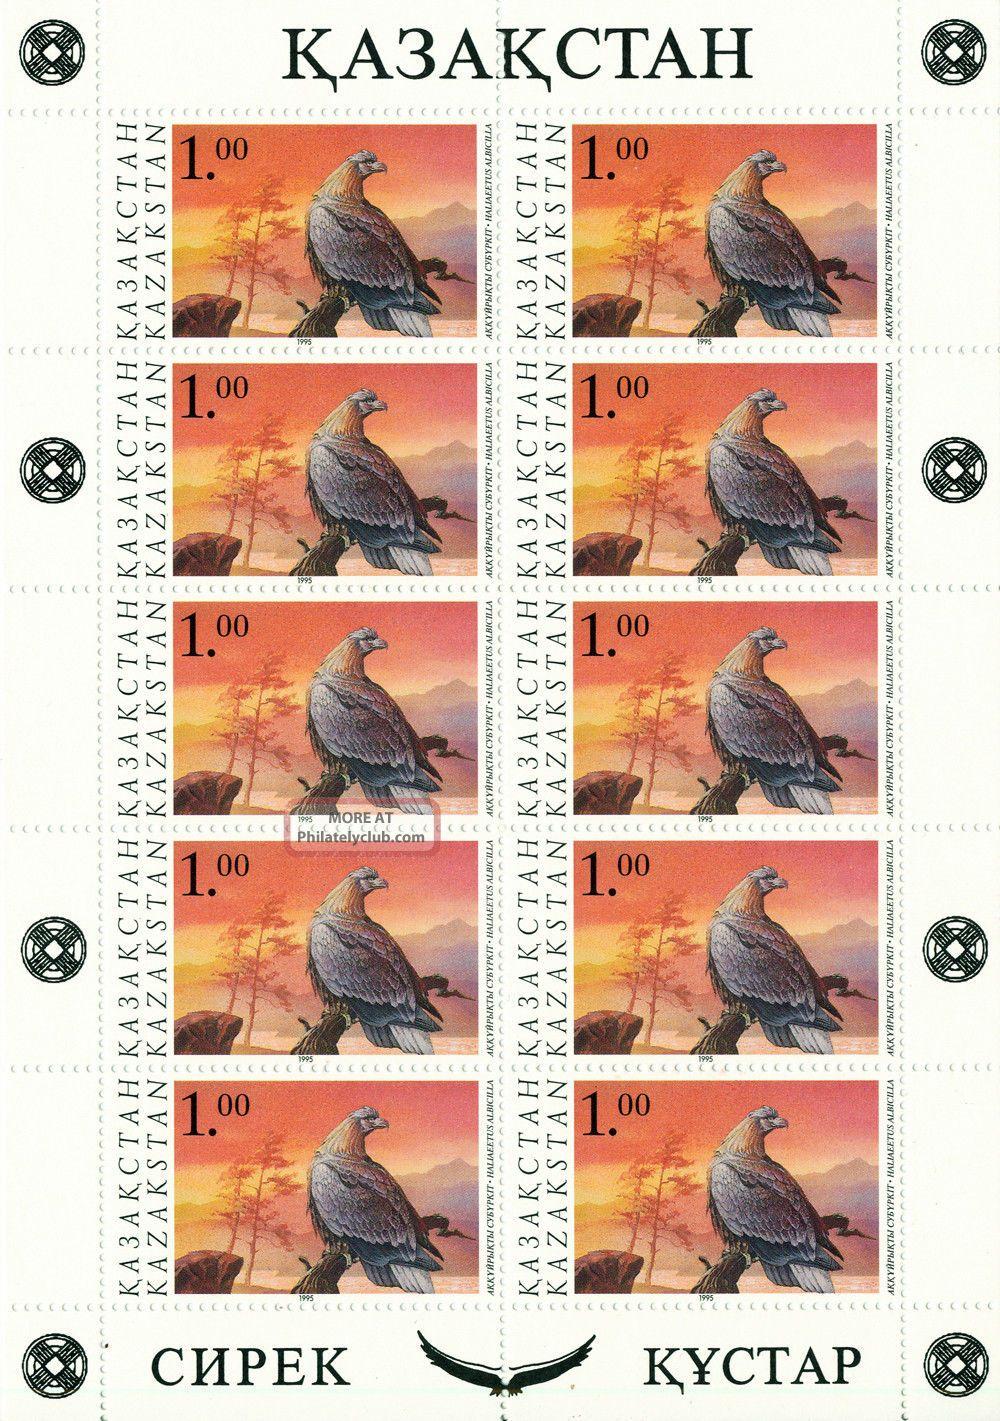 Kazakhstan - 1995 - Birds Of Prey - 2 X Sheetlets - Asia photo